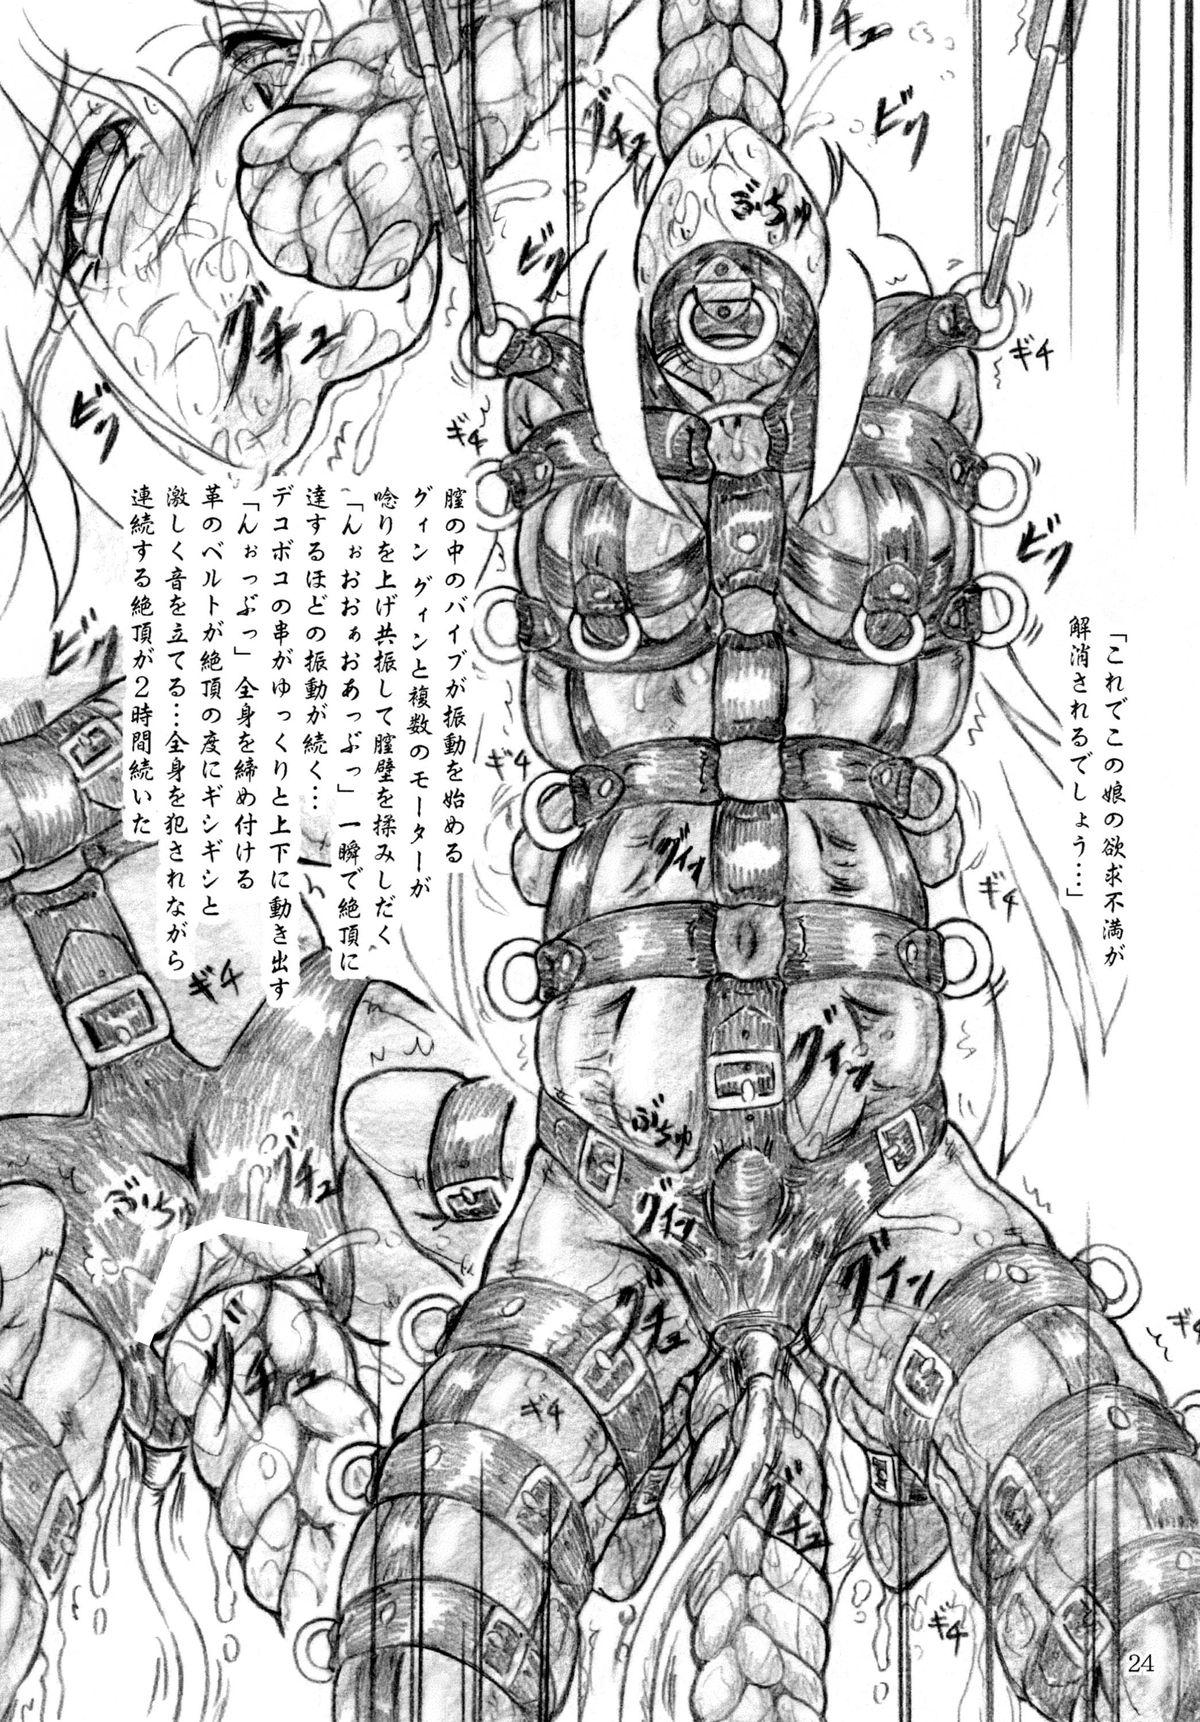 Seiyoku Shinryousho 23